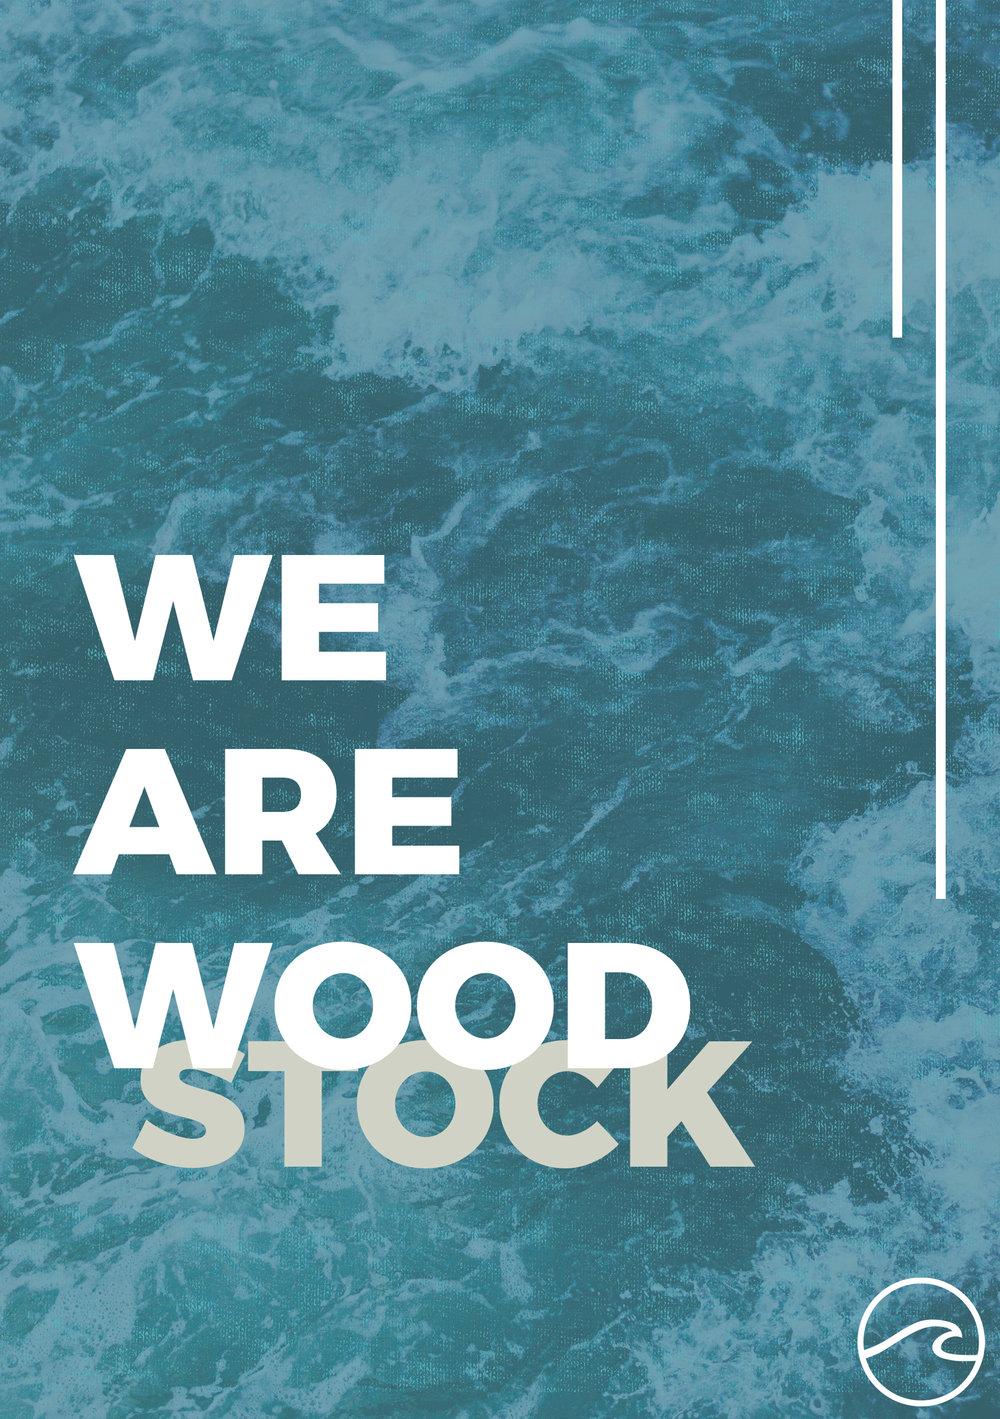 We+Are+Woodstock.jpg